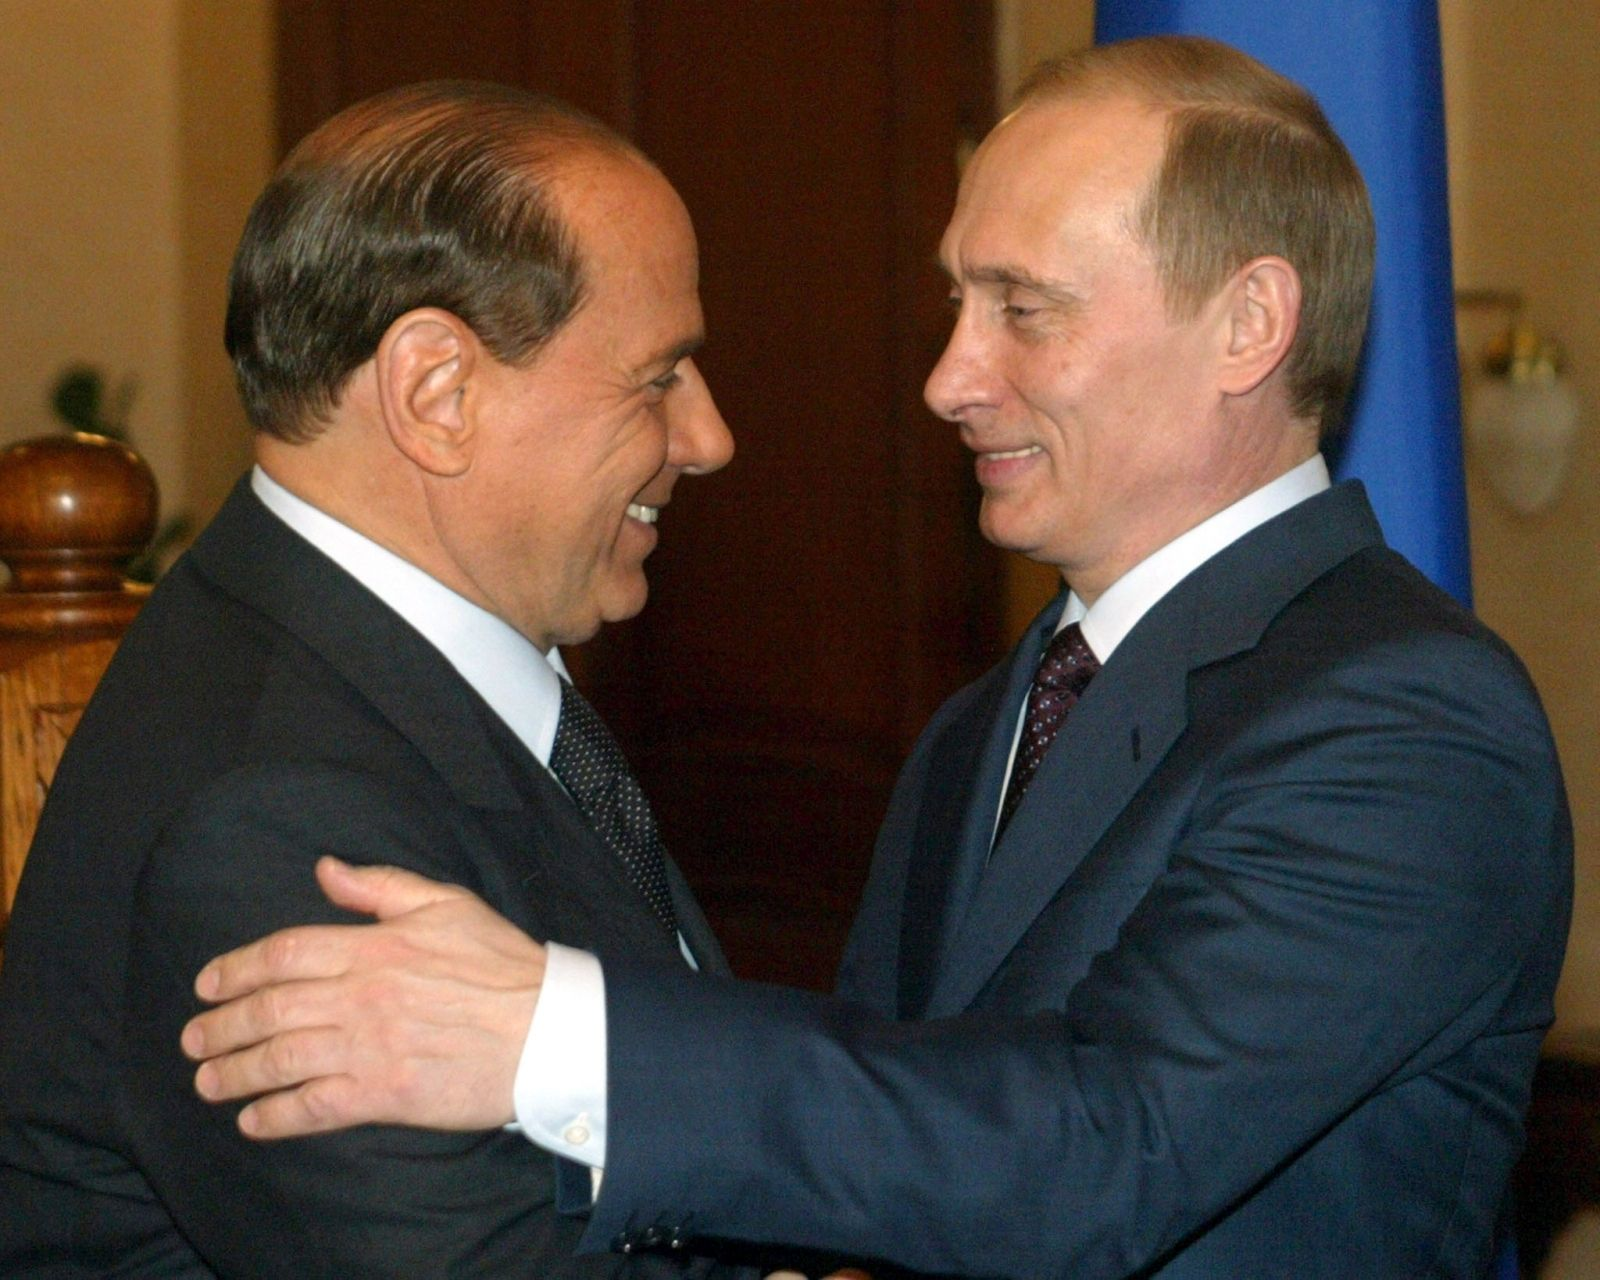 Berlusconi and Putin's friendship